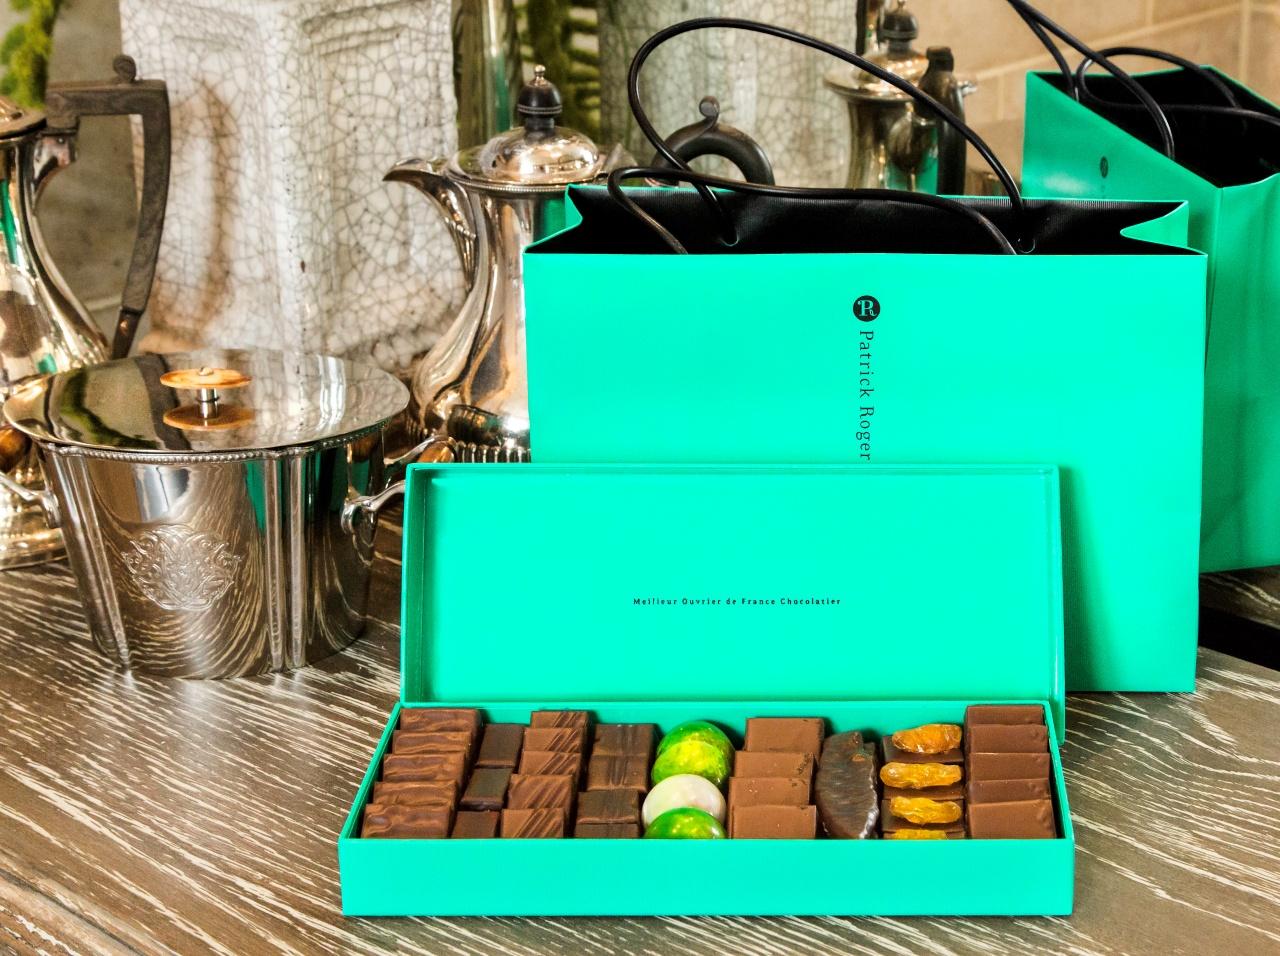 Vive un momento mindfoodness mediante el poder del chocolate en tiempos de contingencia